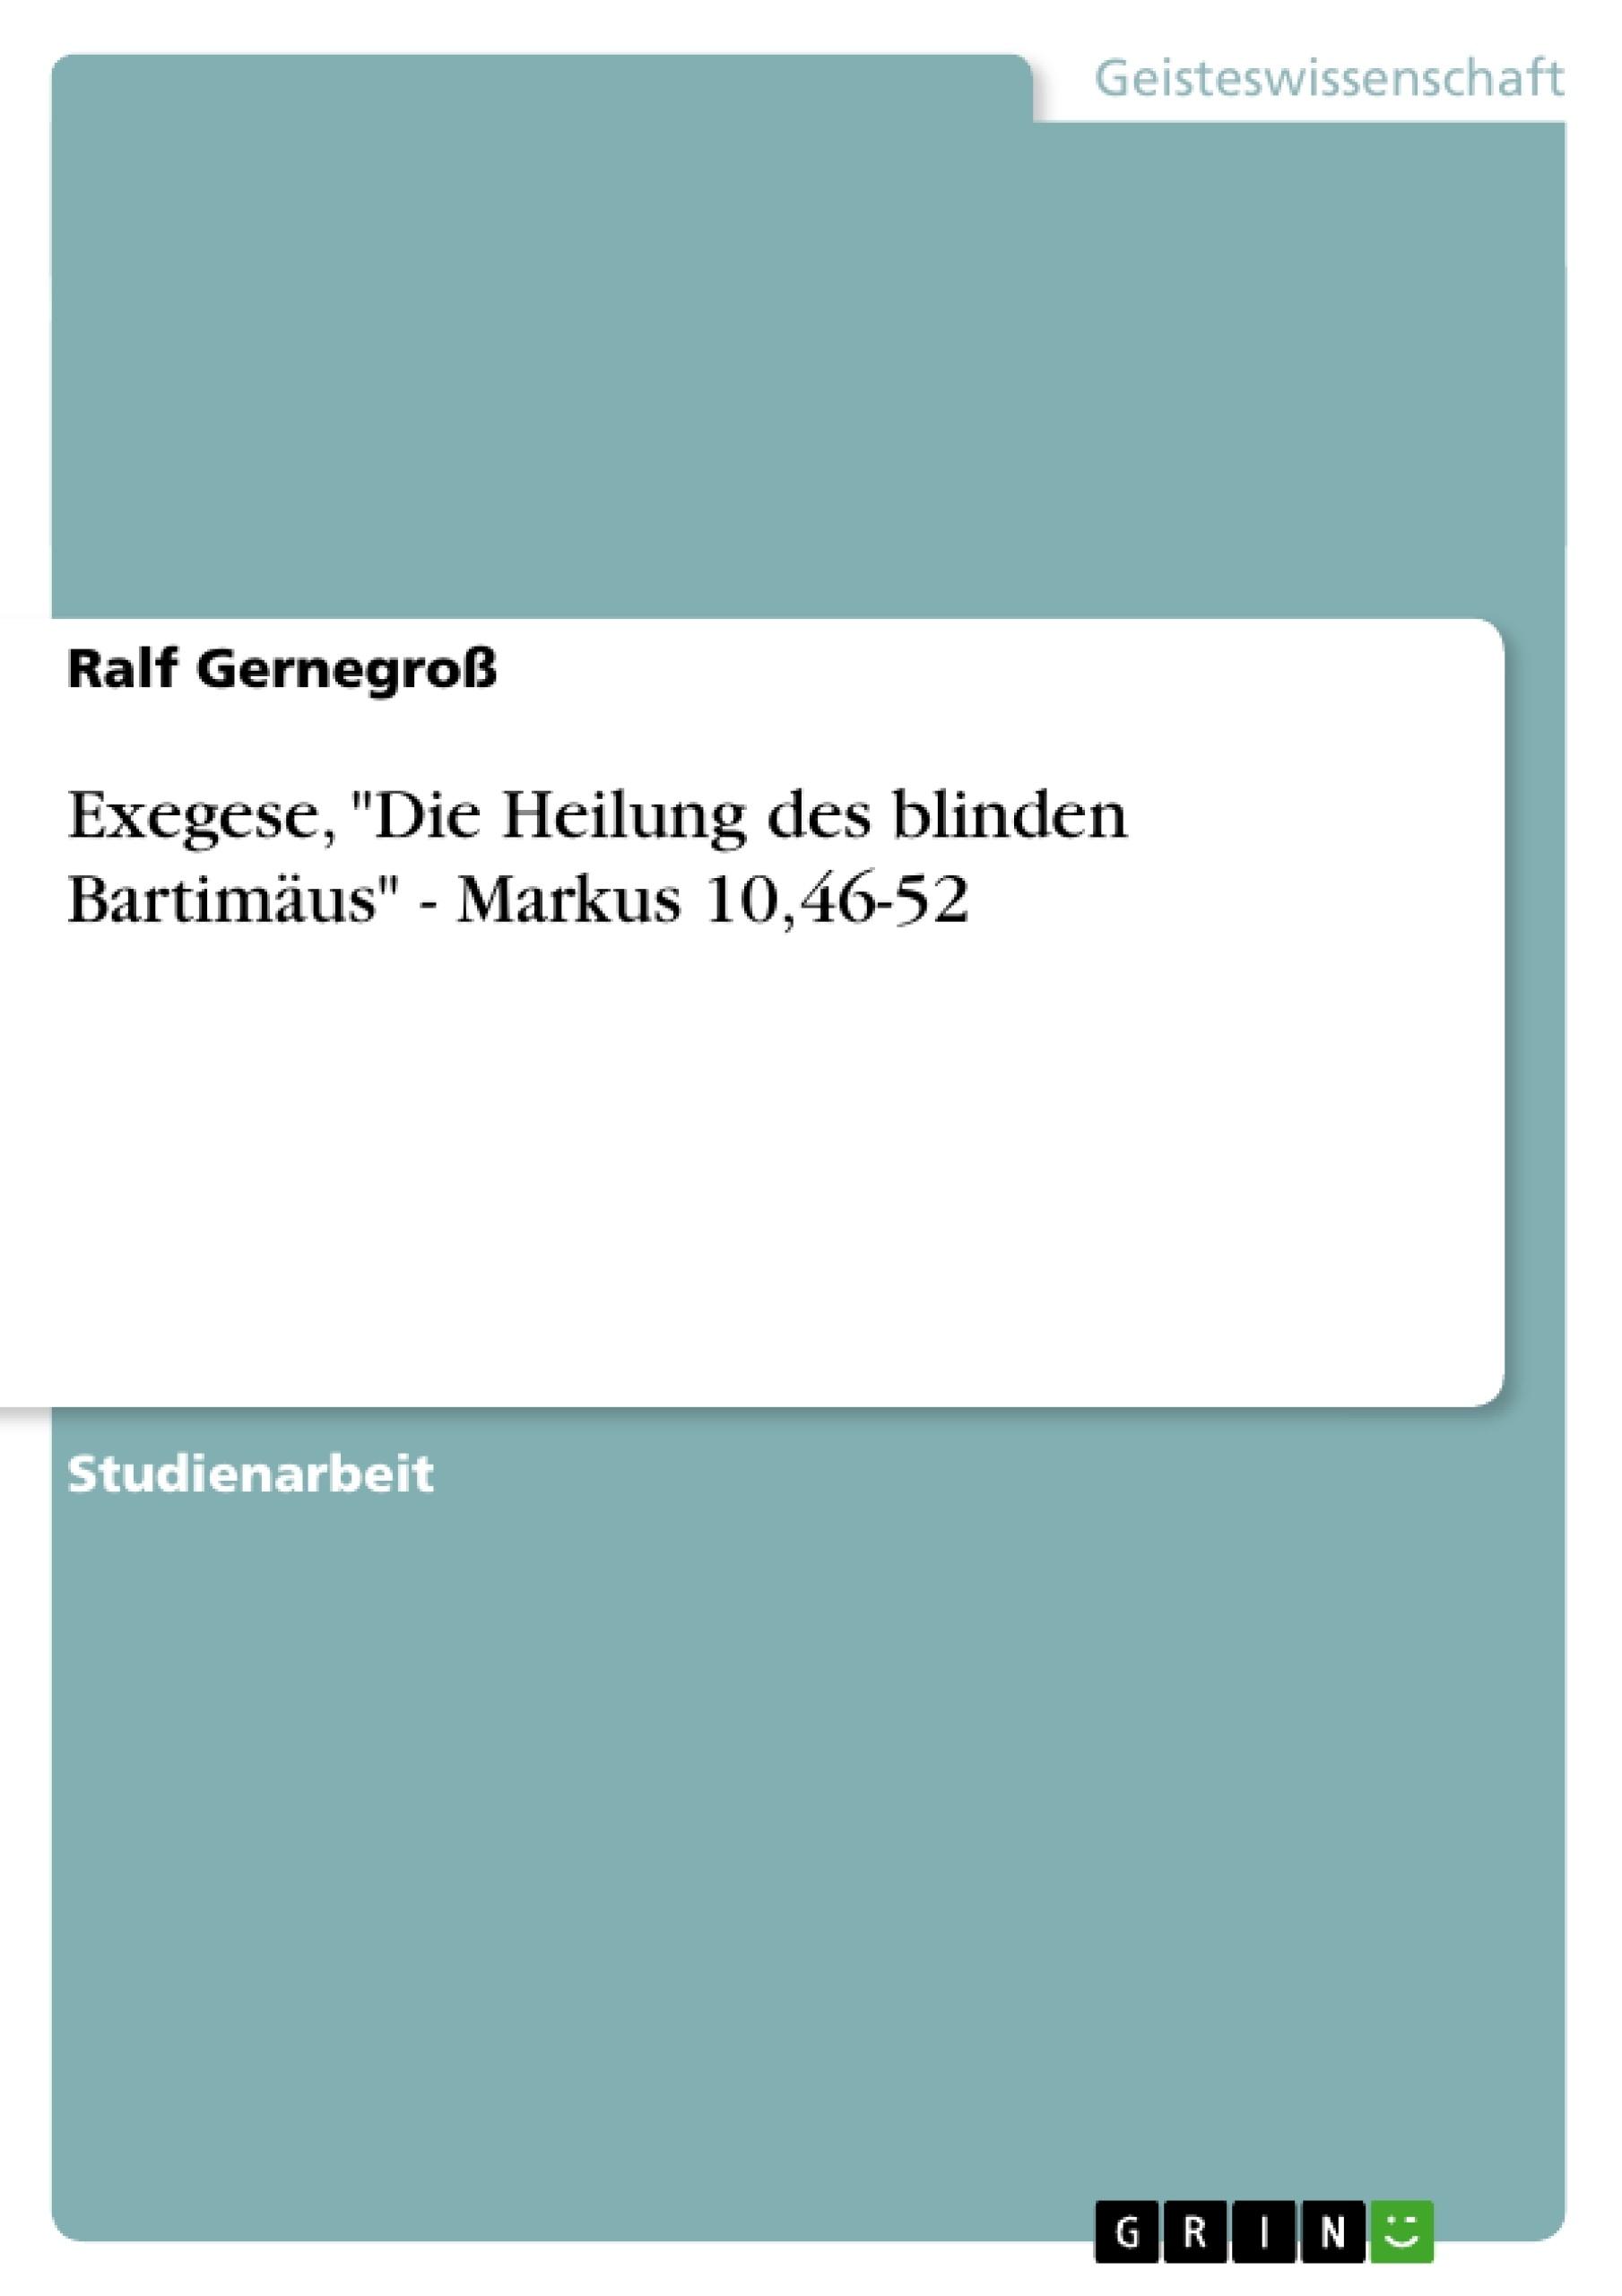 """Titel: Exegese, """"Die Heilung des blinden Bartimäus"""" - Markus 10,46-52"""